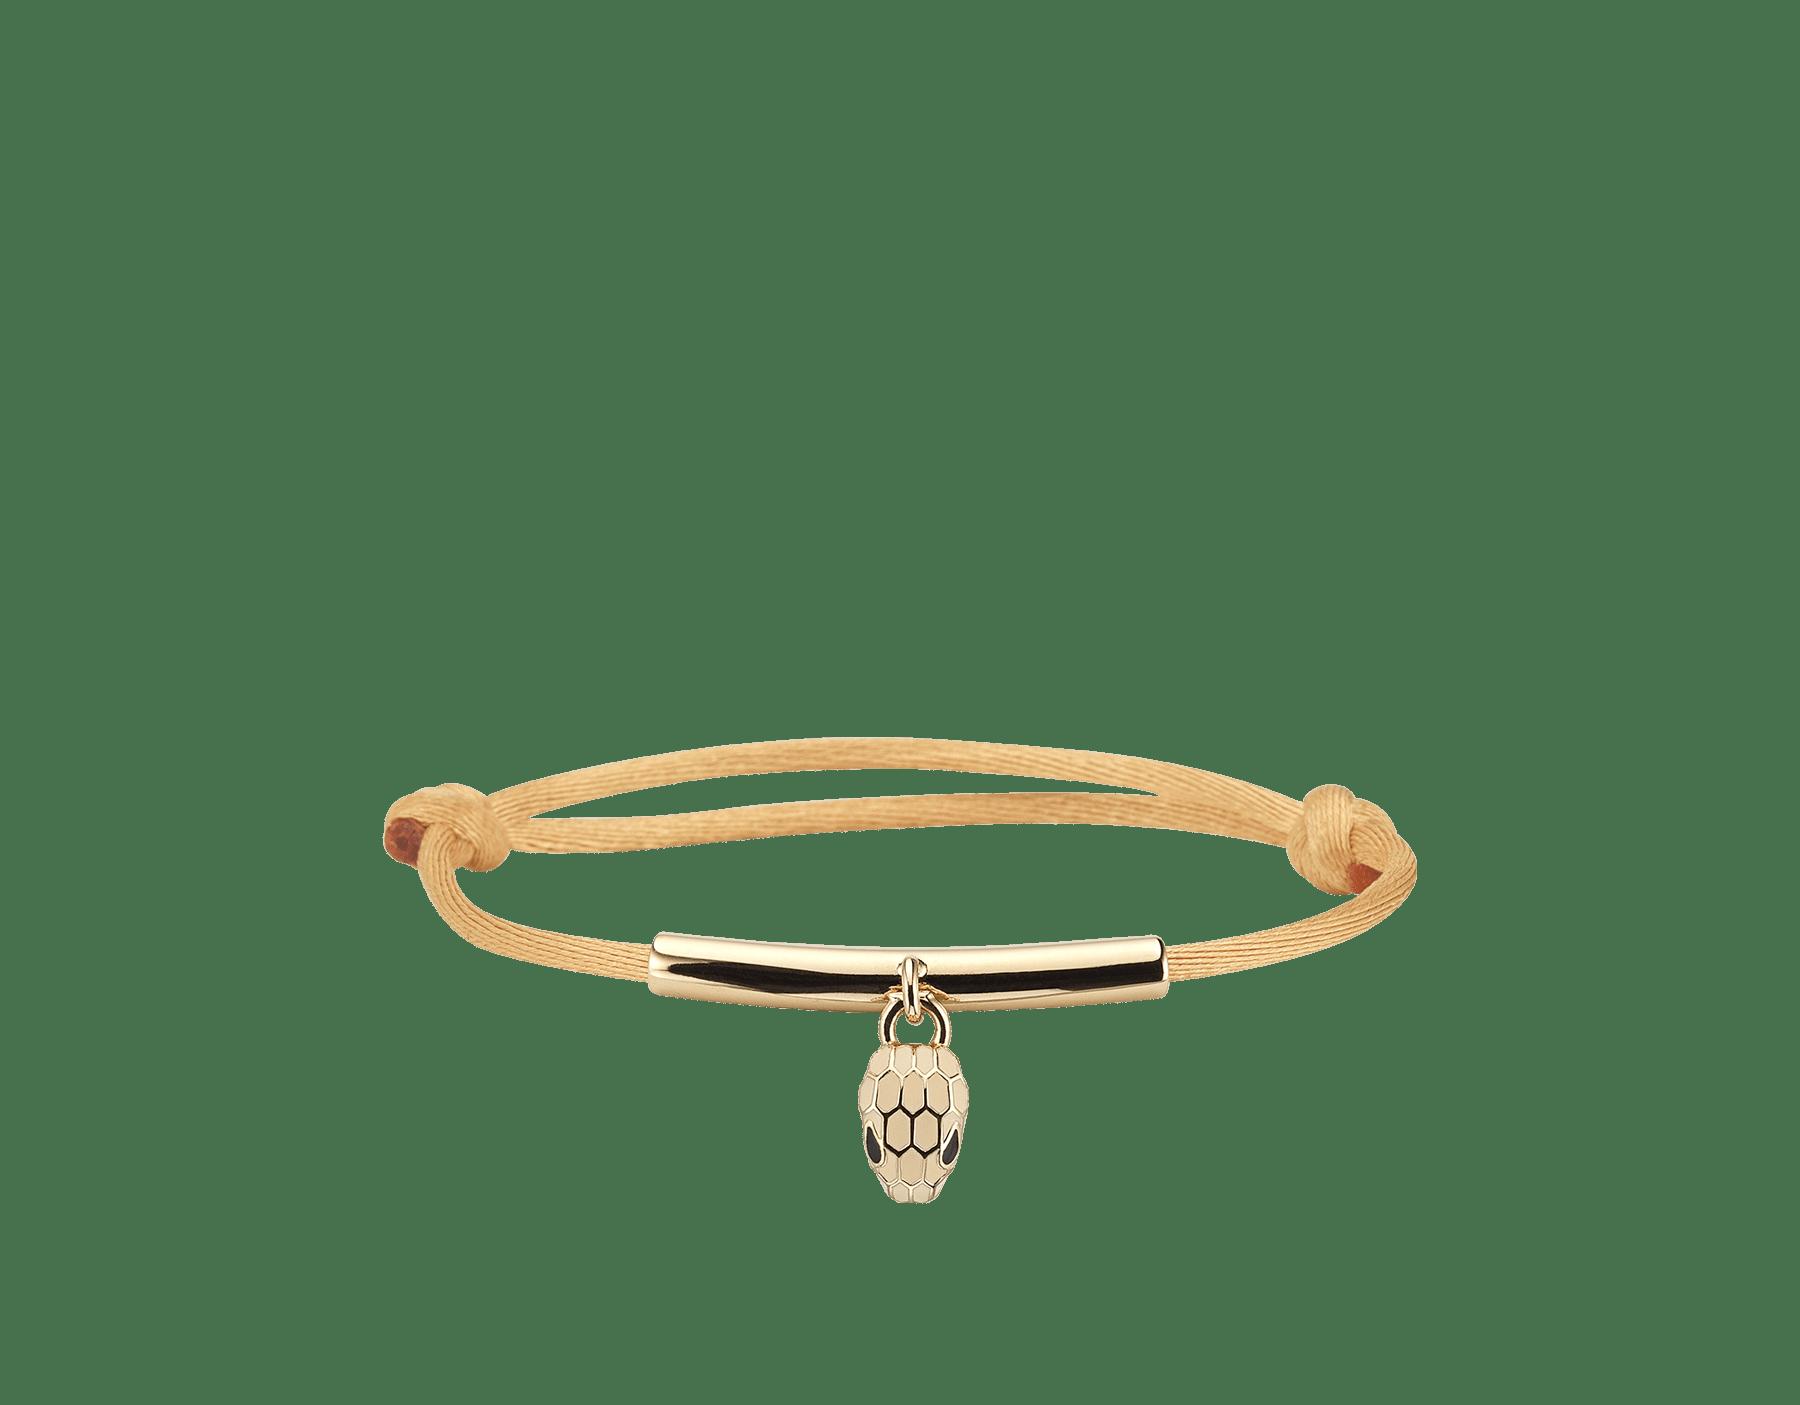 Bracelet Serpenti Forever en tissu couleur vert Mimetic Jade avec une plaque en laiton doré. Bijou Serpenti emblématique émaillé noir et couleur blanc Agate avec yeux en émail noir au charme envoûtant. SERP-MINISTRINGa image 1